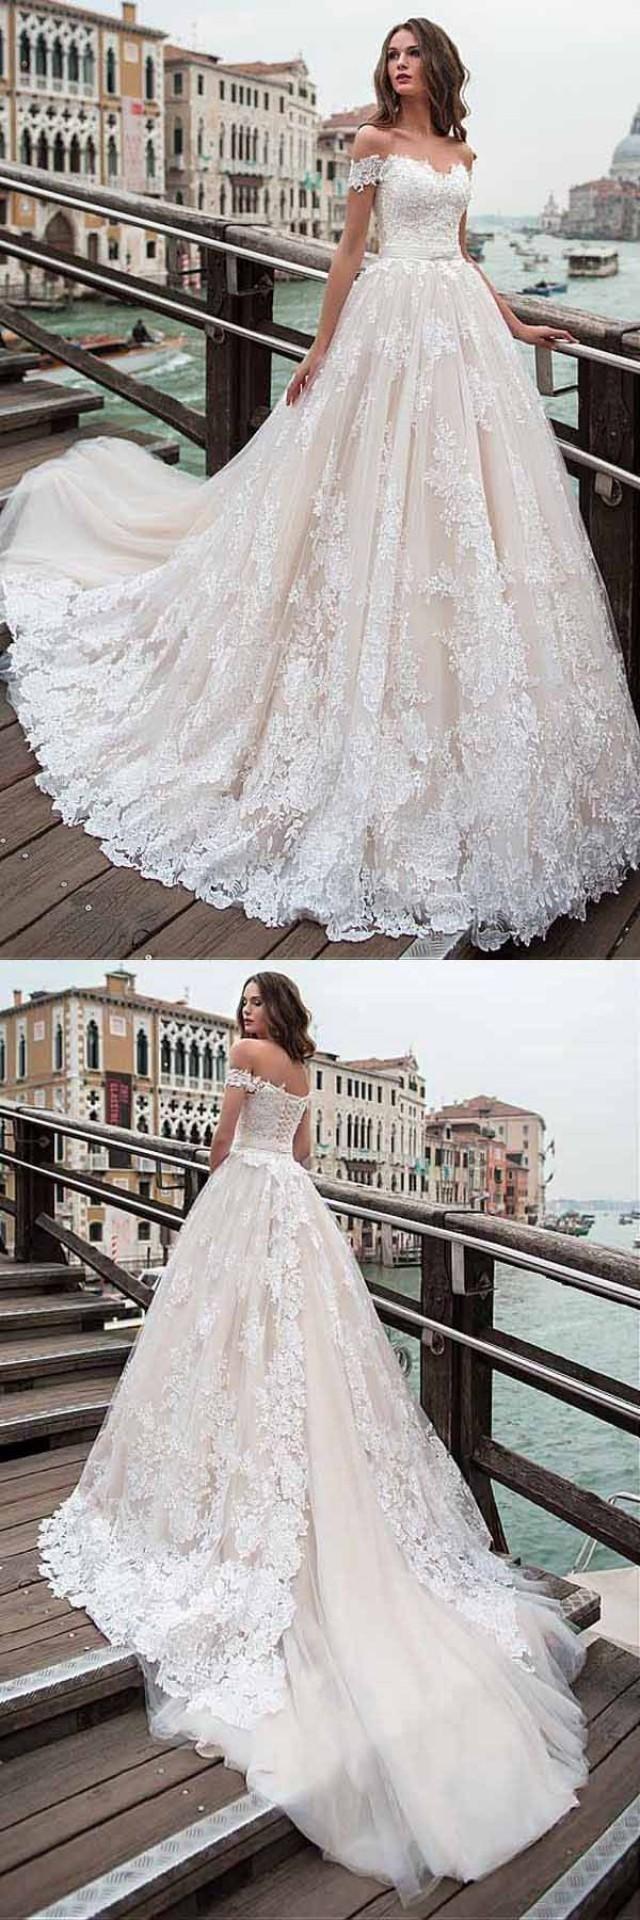 Romantic white lace wedding dressoff shoulder aline bridal dress